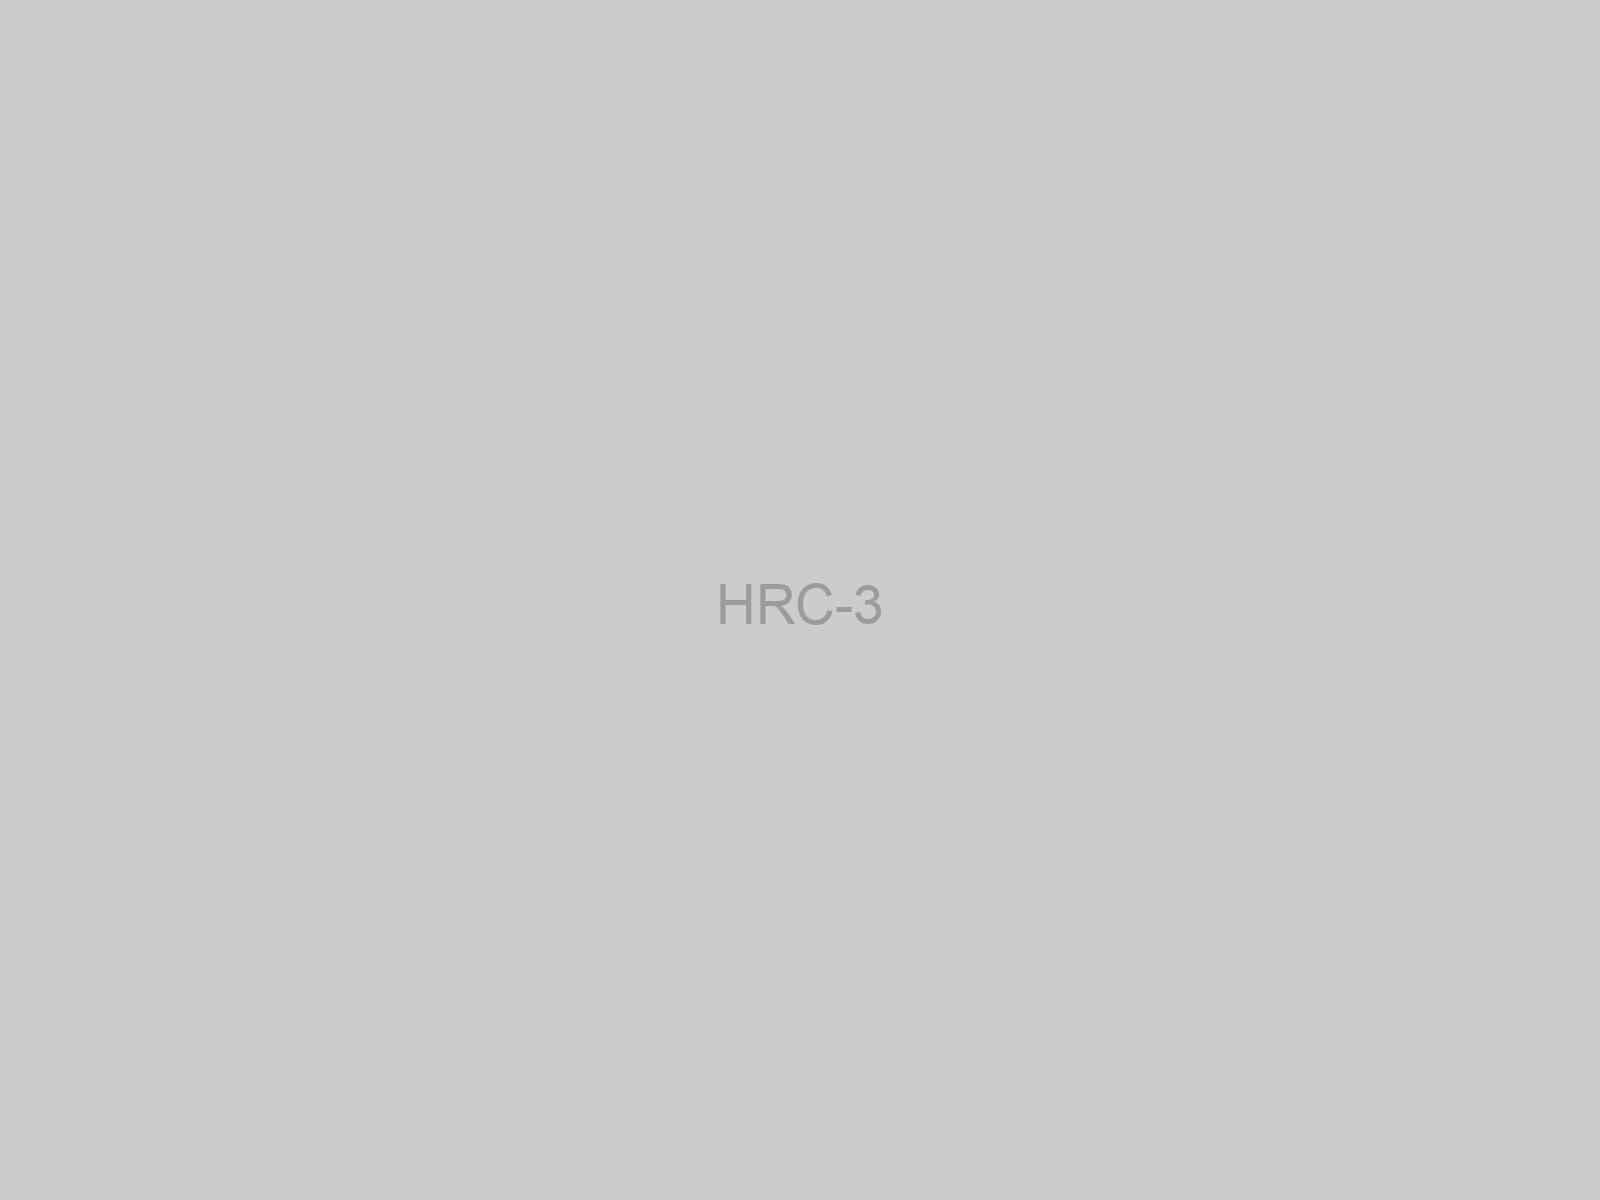 HRC-3